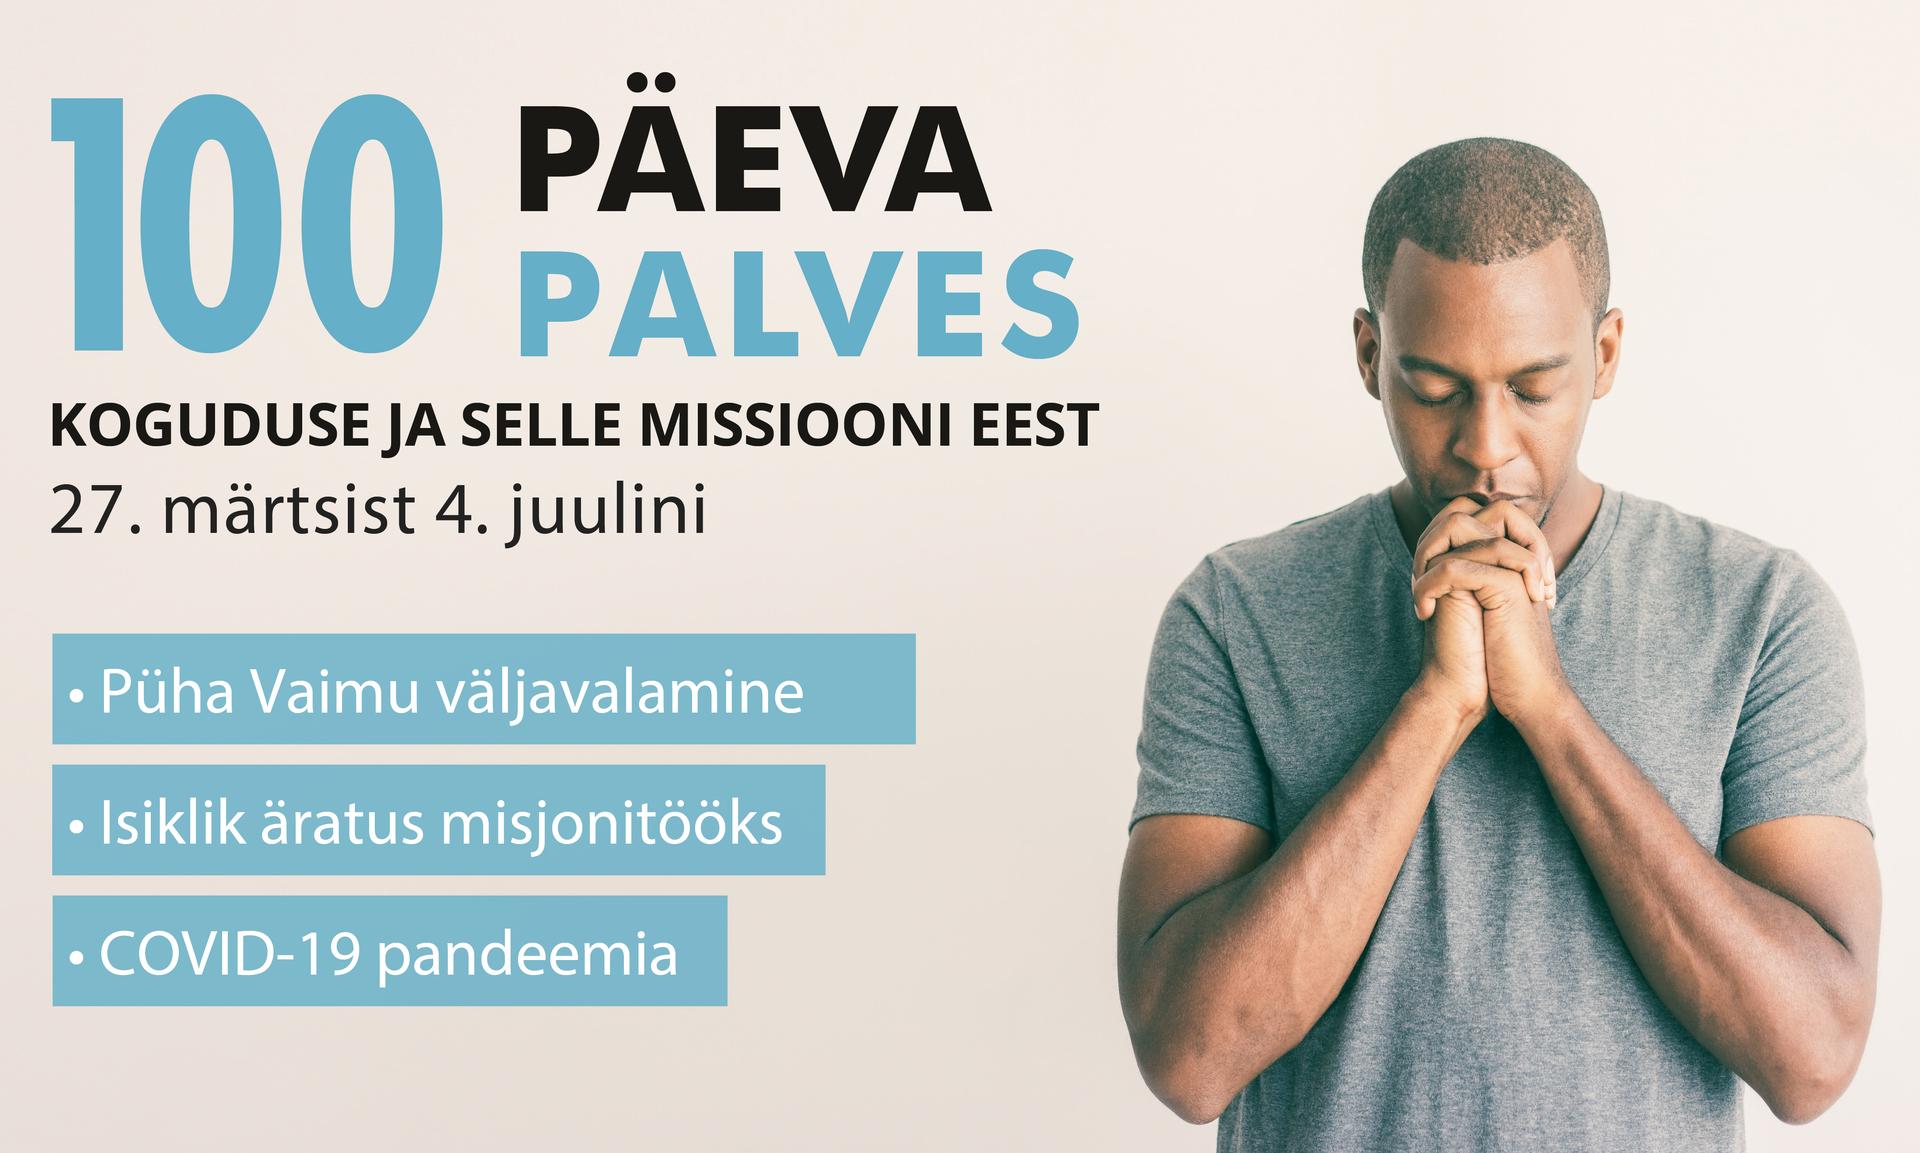 Ühine initsiatiiviga 100 palvepäeva